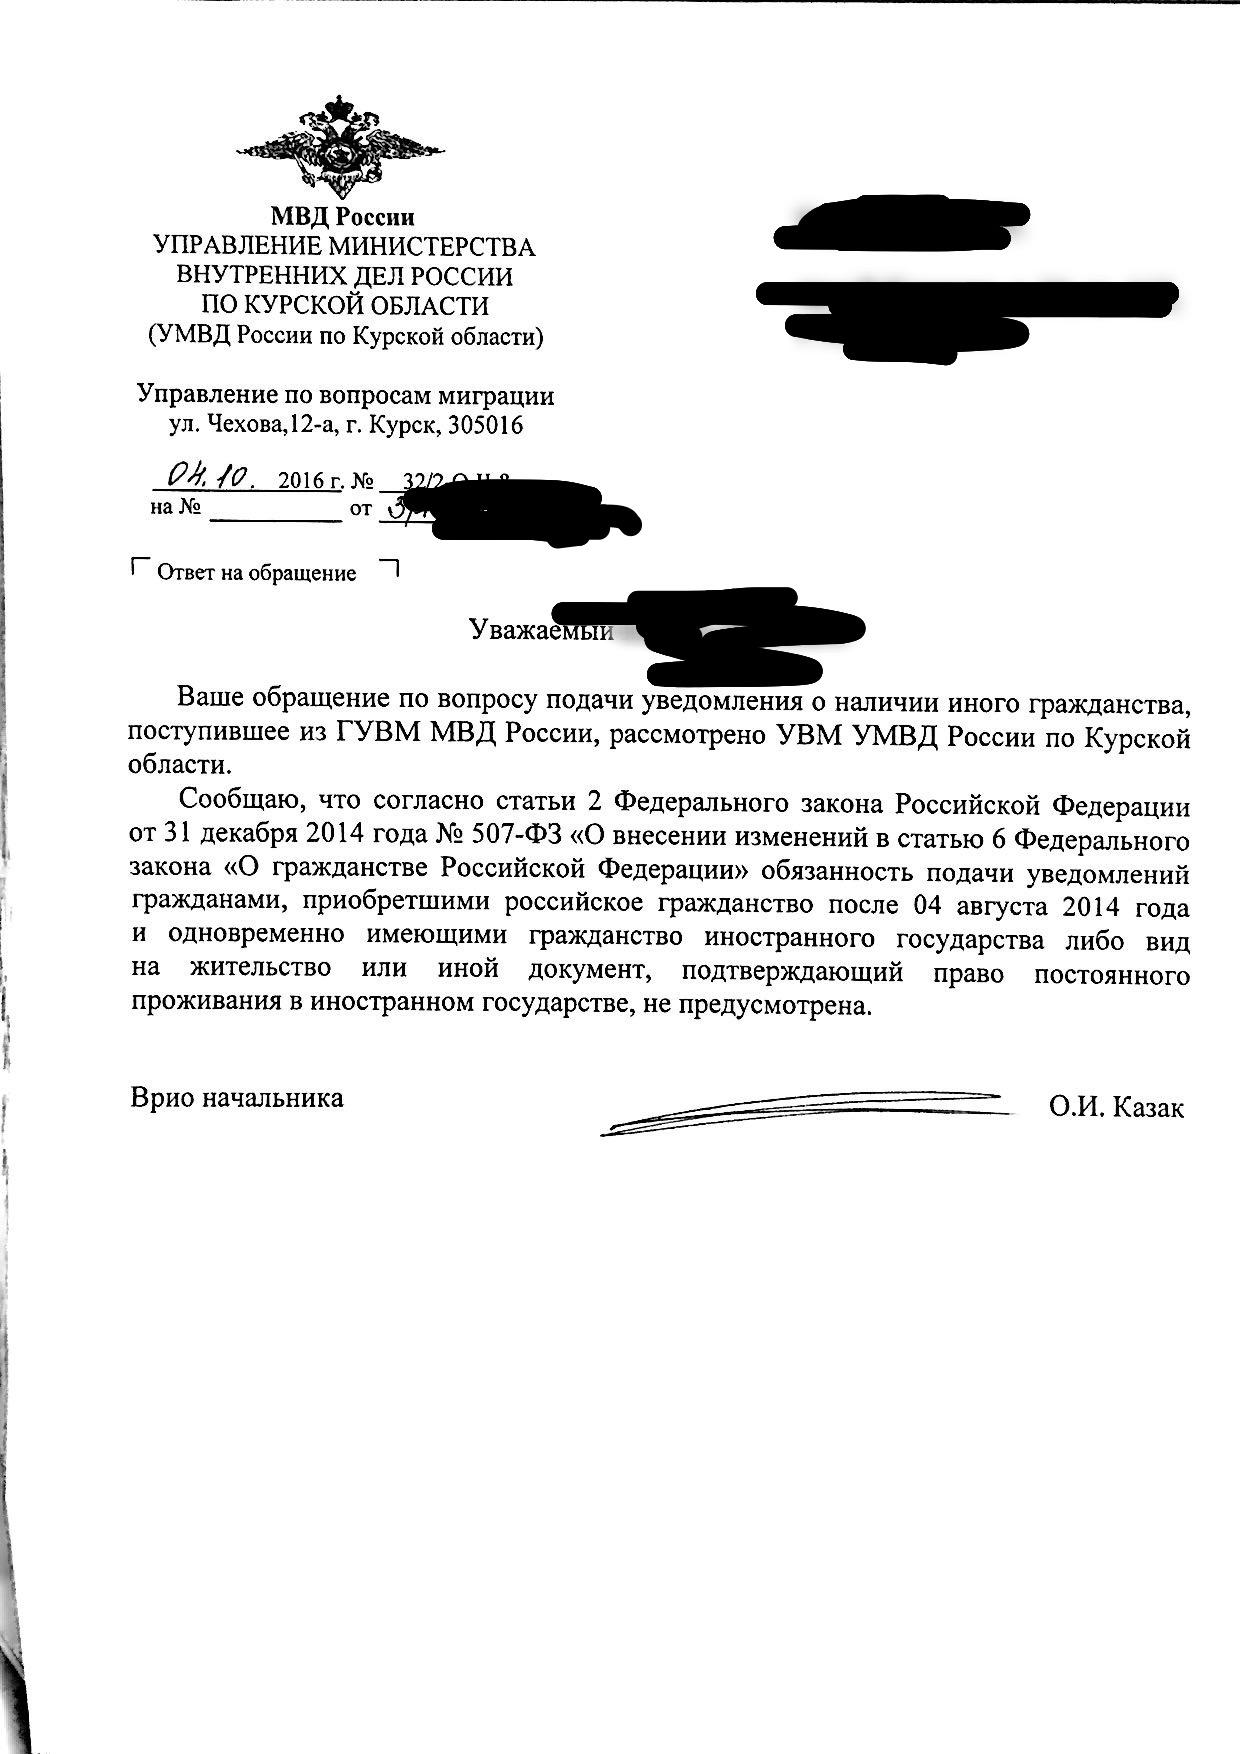 Значение уведомления ФМС России о втором гражданстве